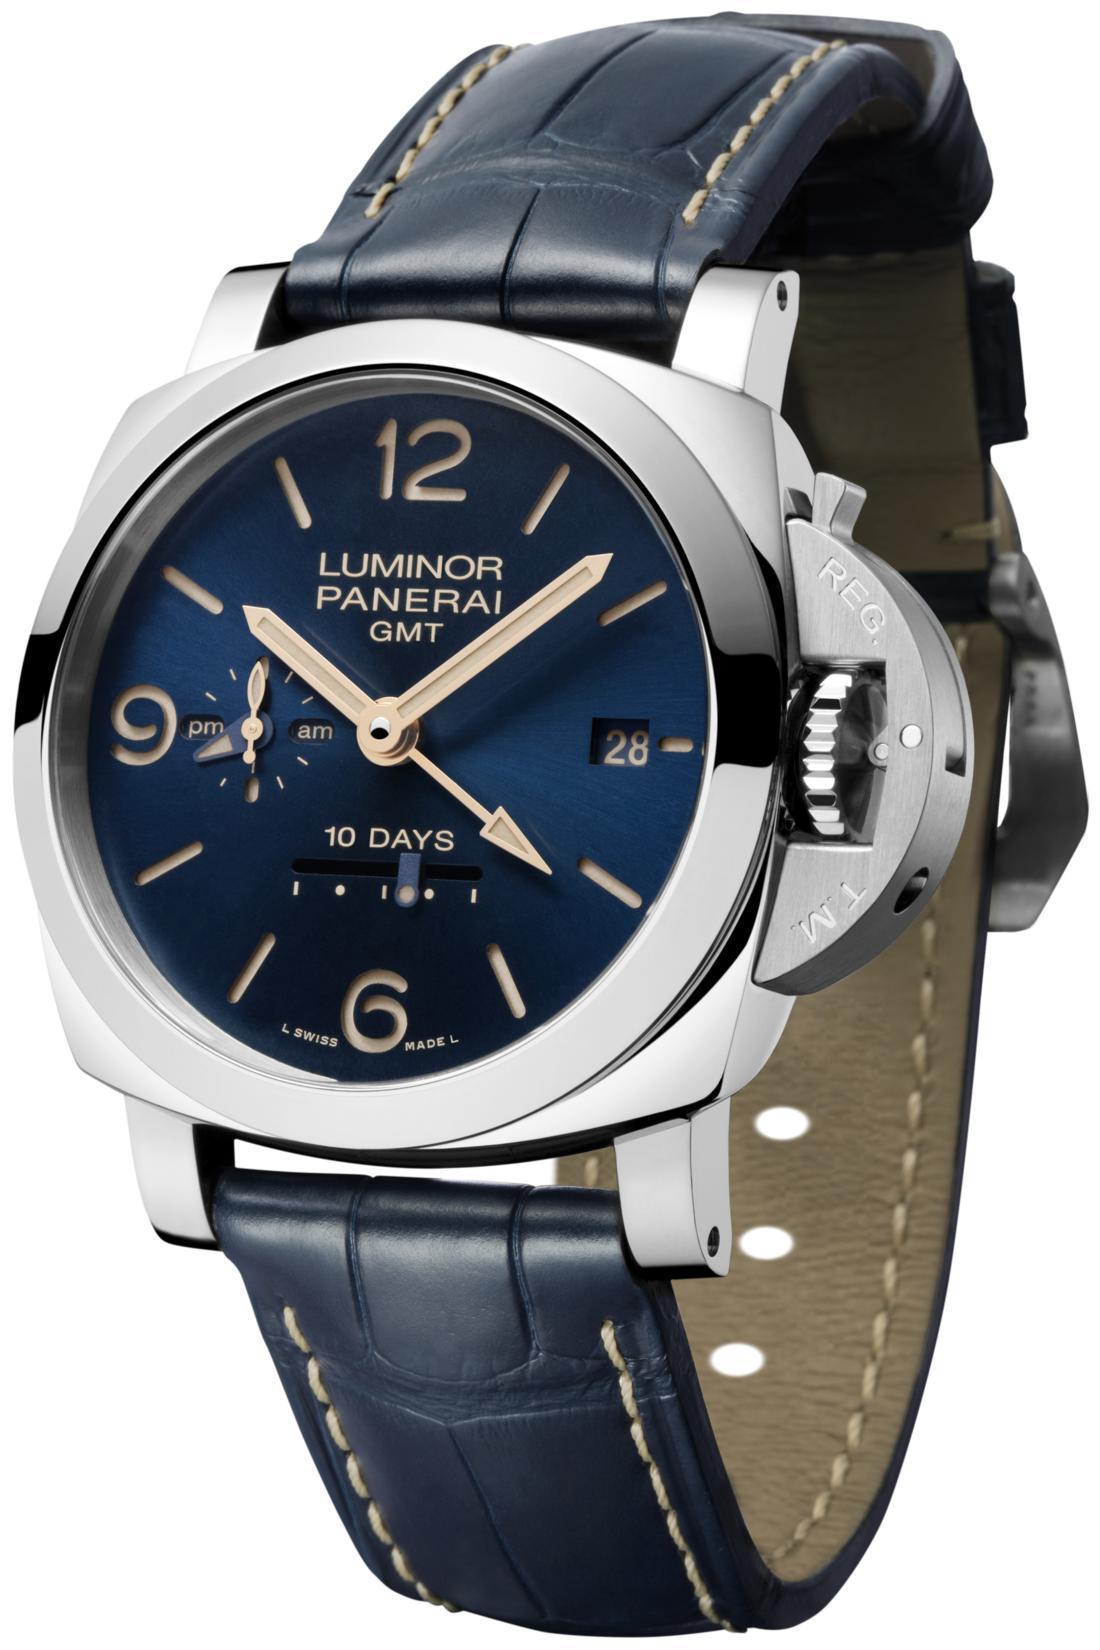 più economico 85192 e179c Panerai: ecco la serie speciale di 4 orologi | Fashion Times